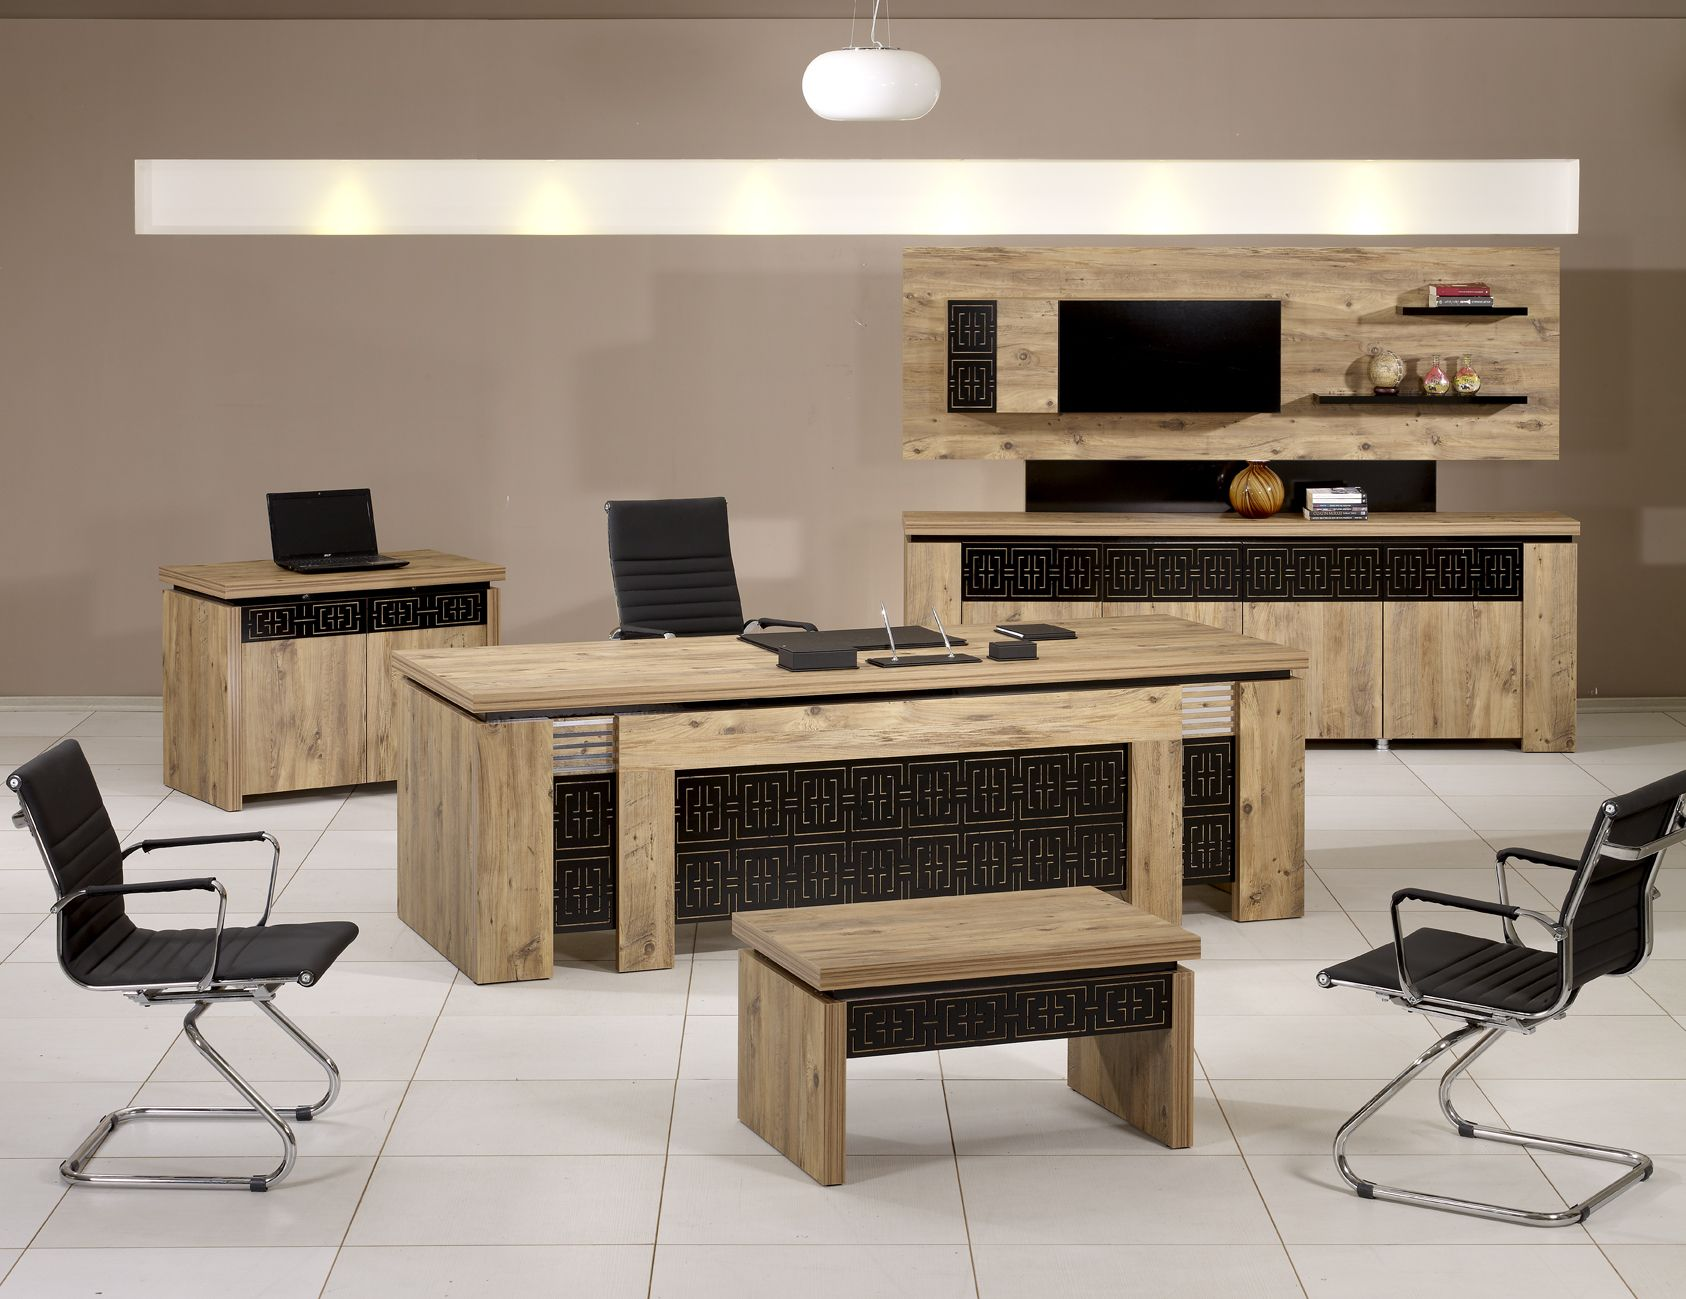 Ahenk Buro Mobilyalari Antalya Ofis Buro Mobilyalari Ofis Buro Mobilyalari Furniture Home Decor Dining Bench